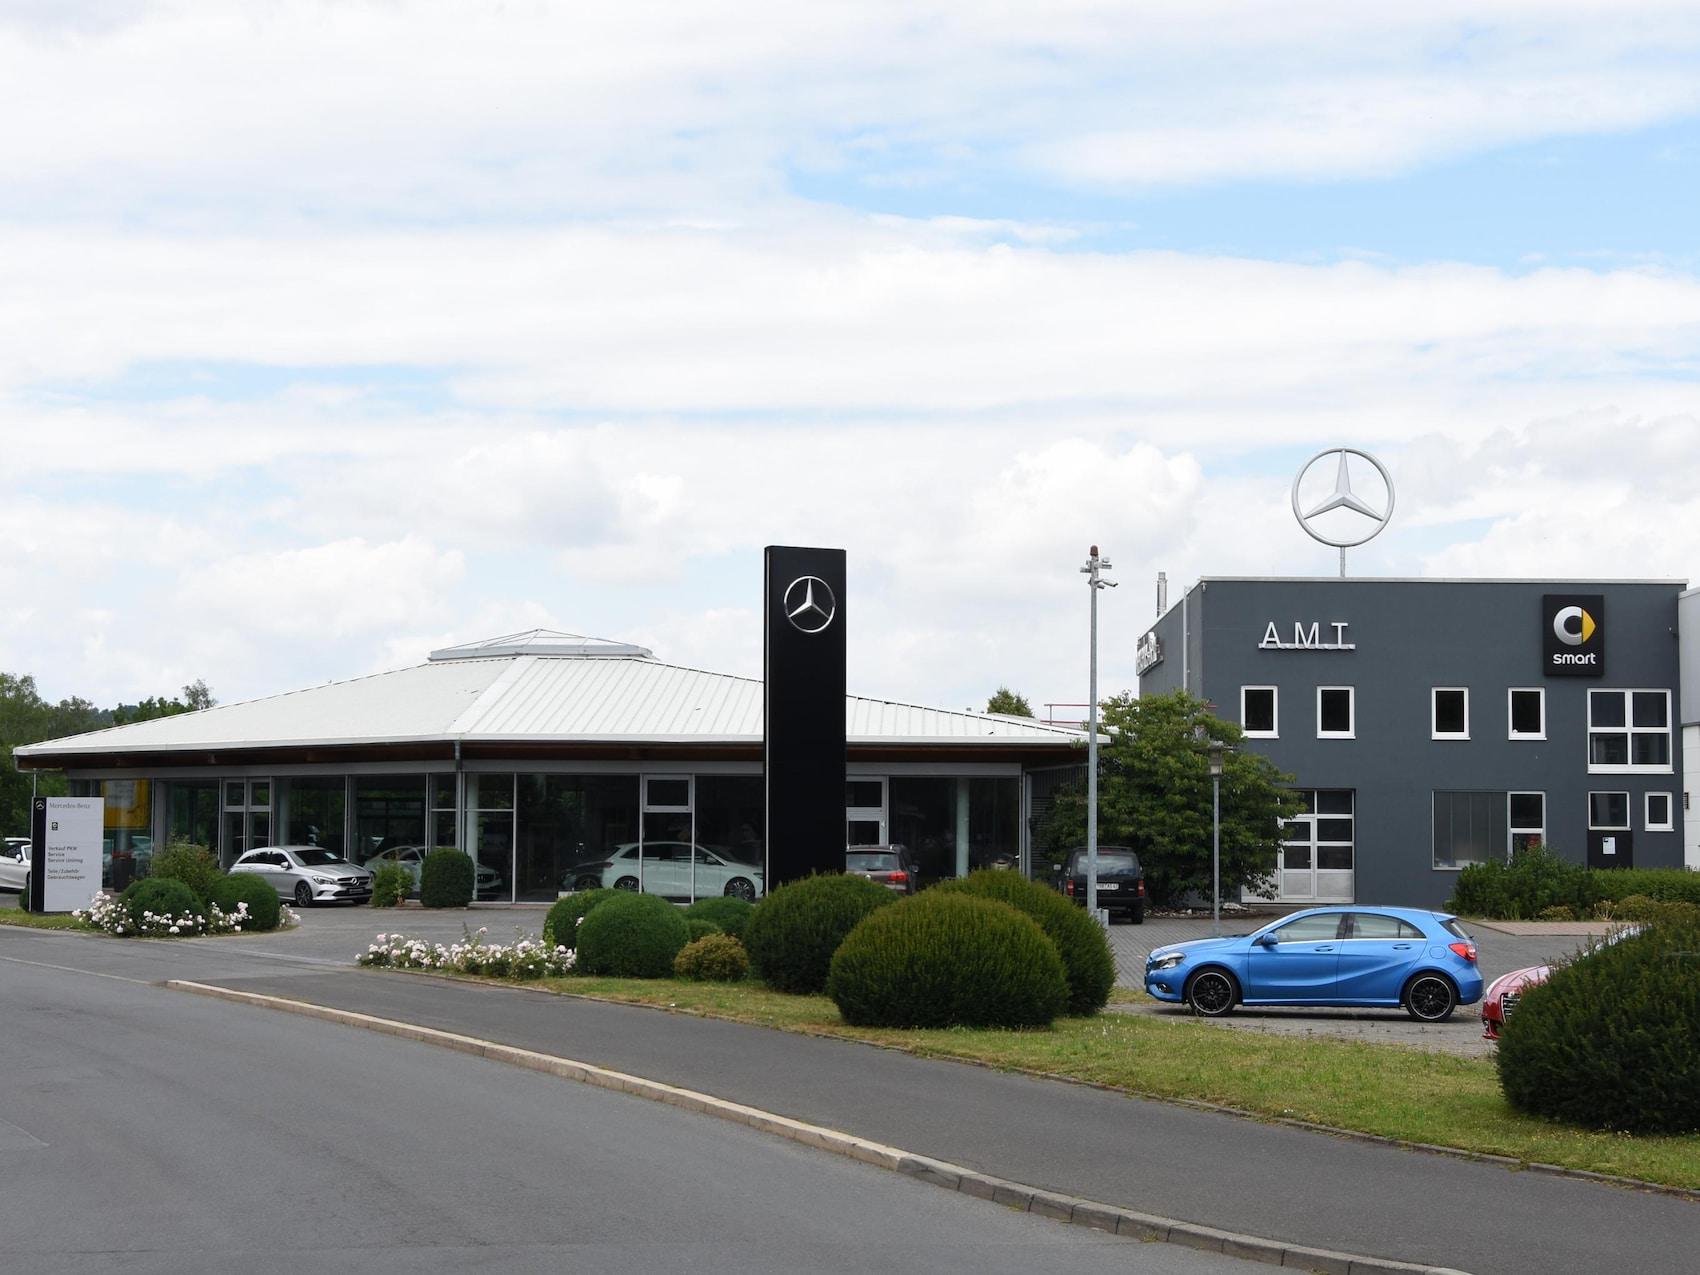 sSP-A.M.T.-Autohaus-Mittleres-Taubertal-UnserStandort-Standort-Tauberbischofsheim